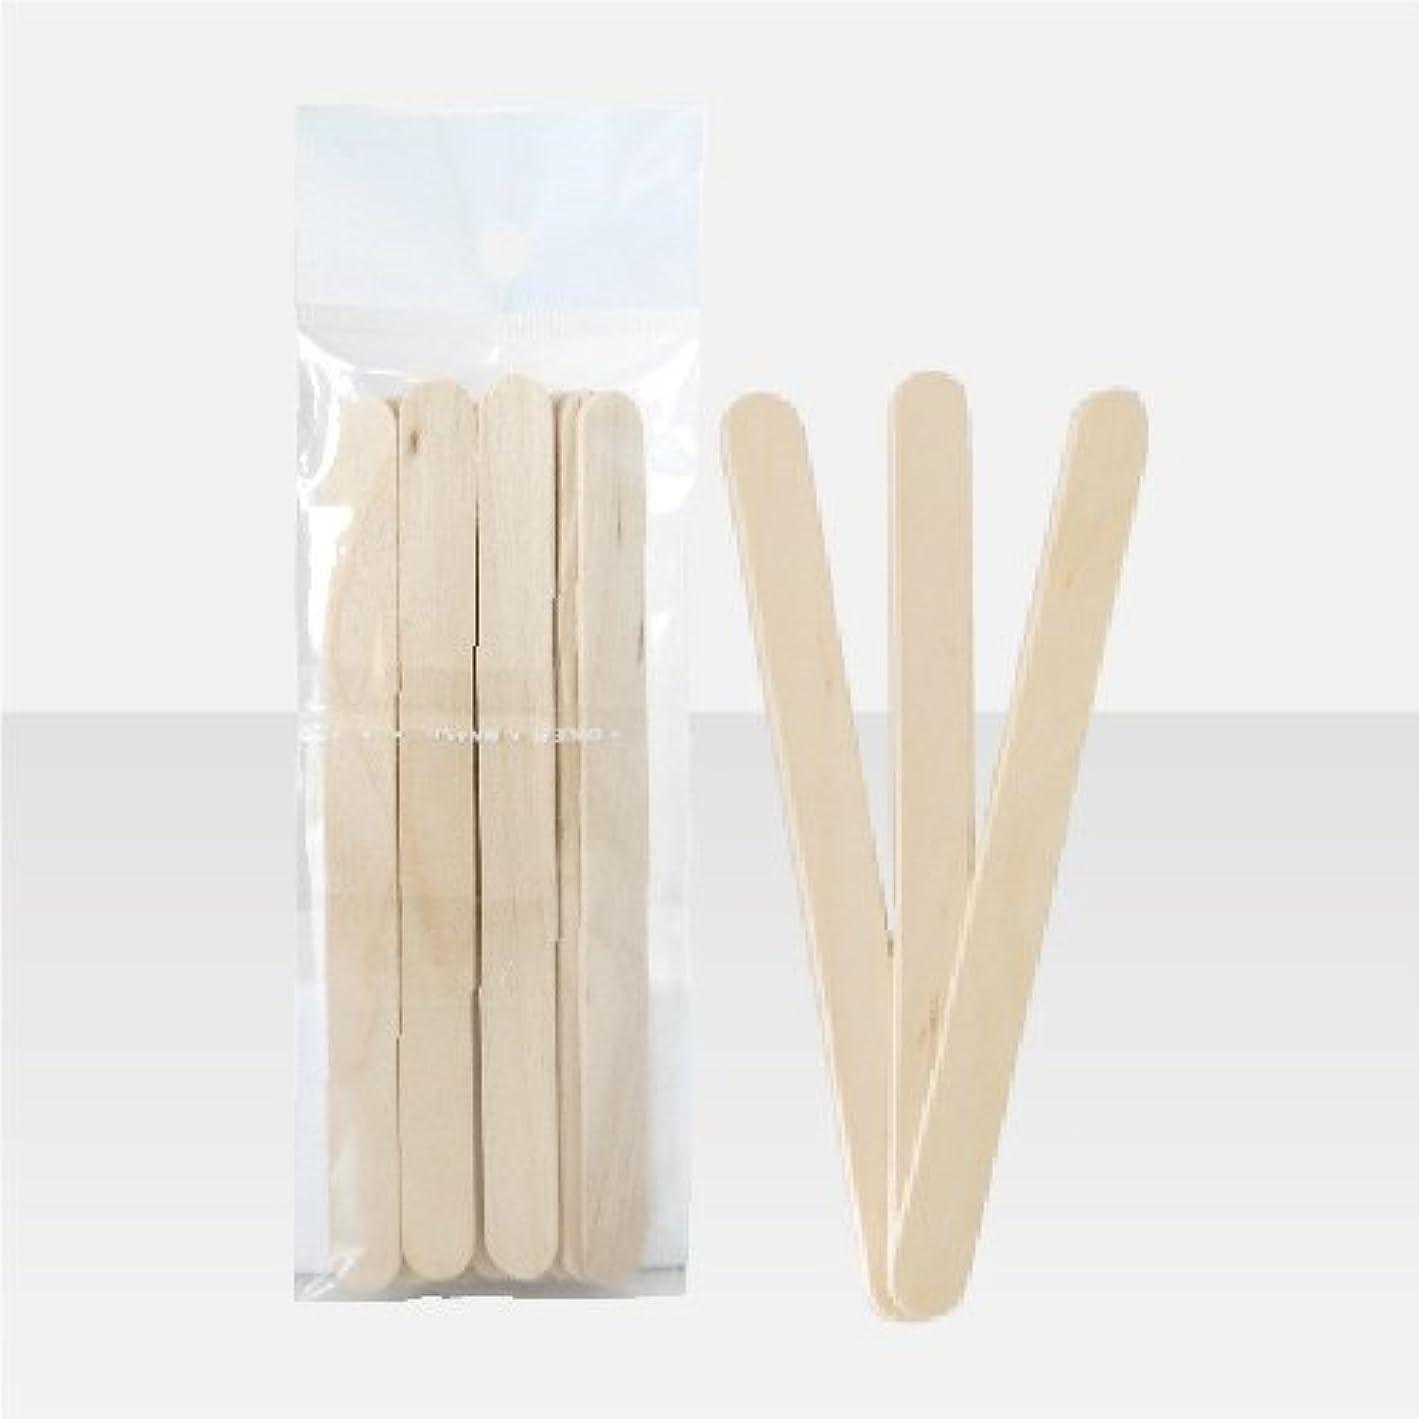 花瓶マウスピースピットブラジリアンワックス 脱毛ワックス用  ワックススパチュラ 木ベラ /10本セット Sサイズ